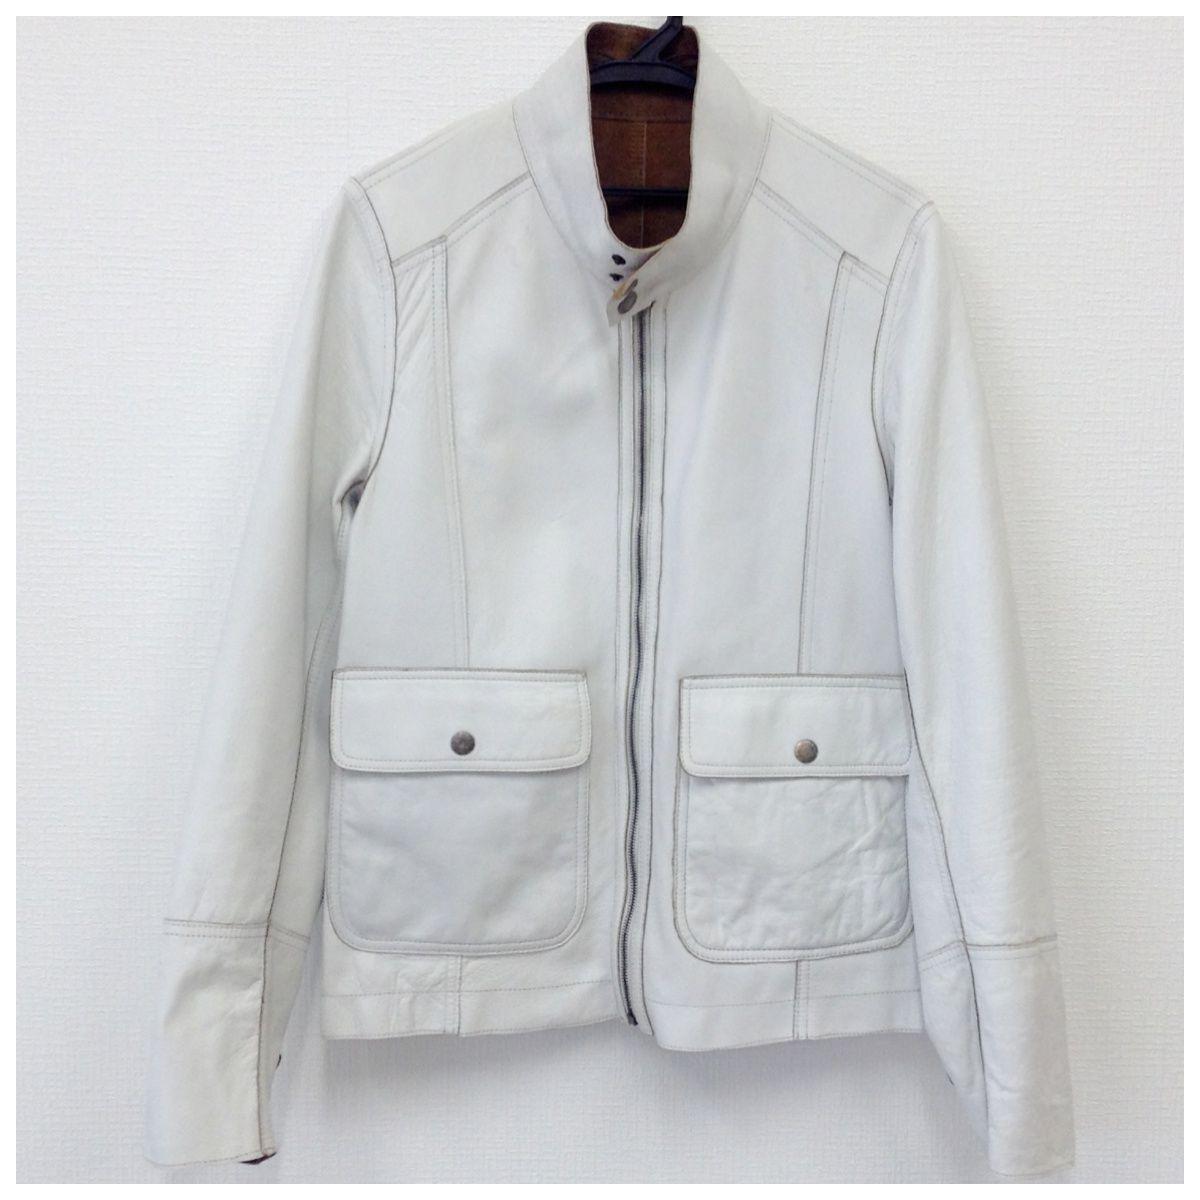 【中古】ドルチェ&ガッバーナ メンズ羊革ジャケット リバーシブル 46